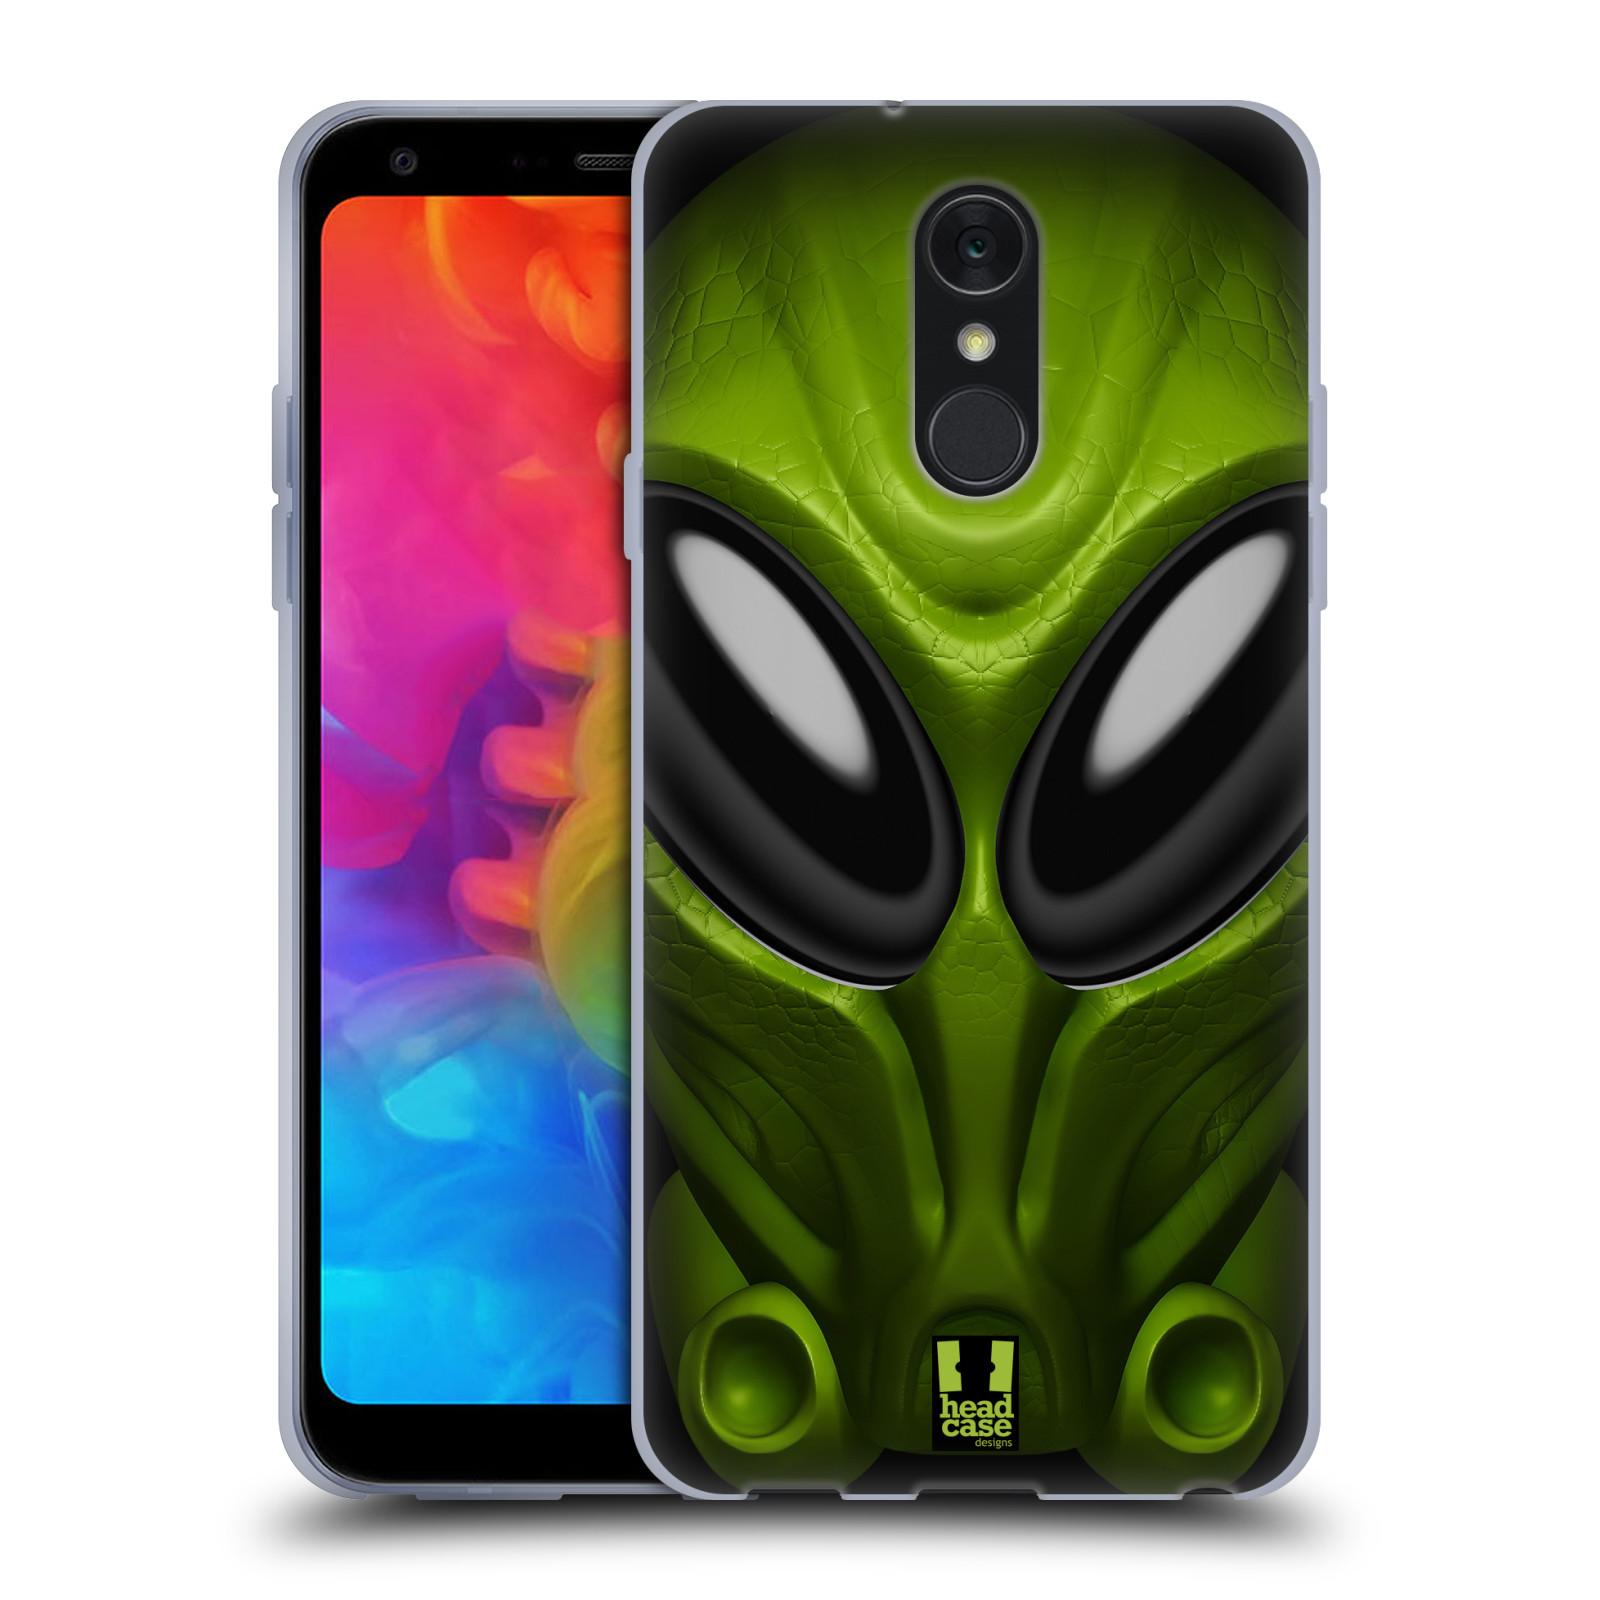 Silikonové pouzdro na mobil LG Q7 - Head Case - Ufoun Mastermind